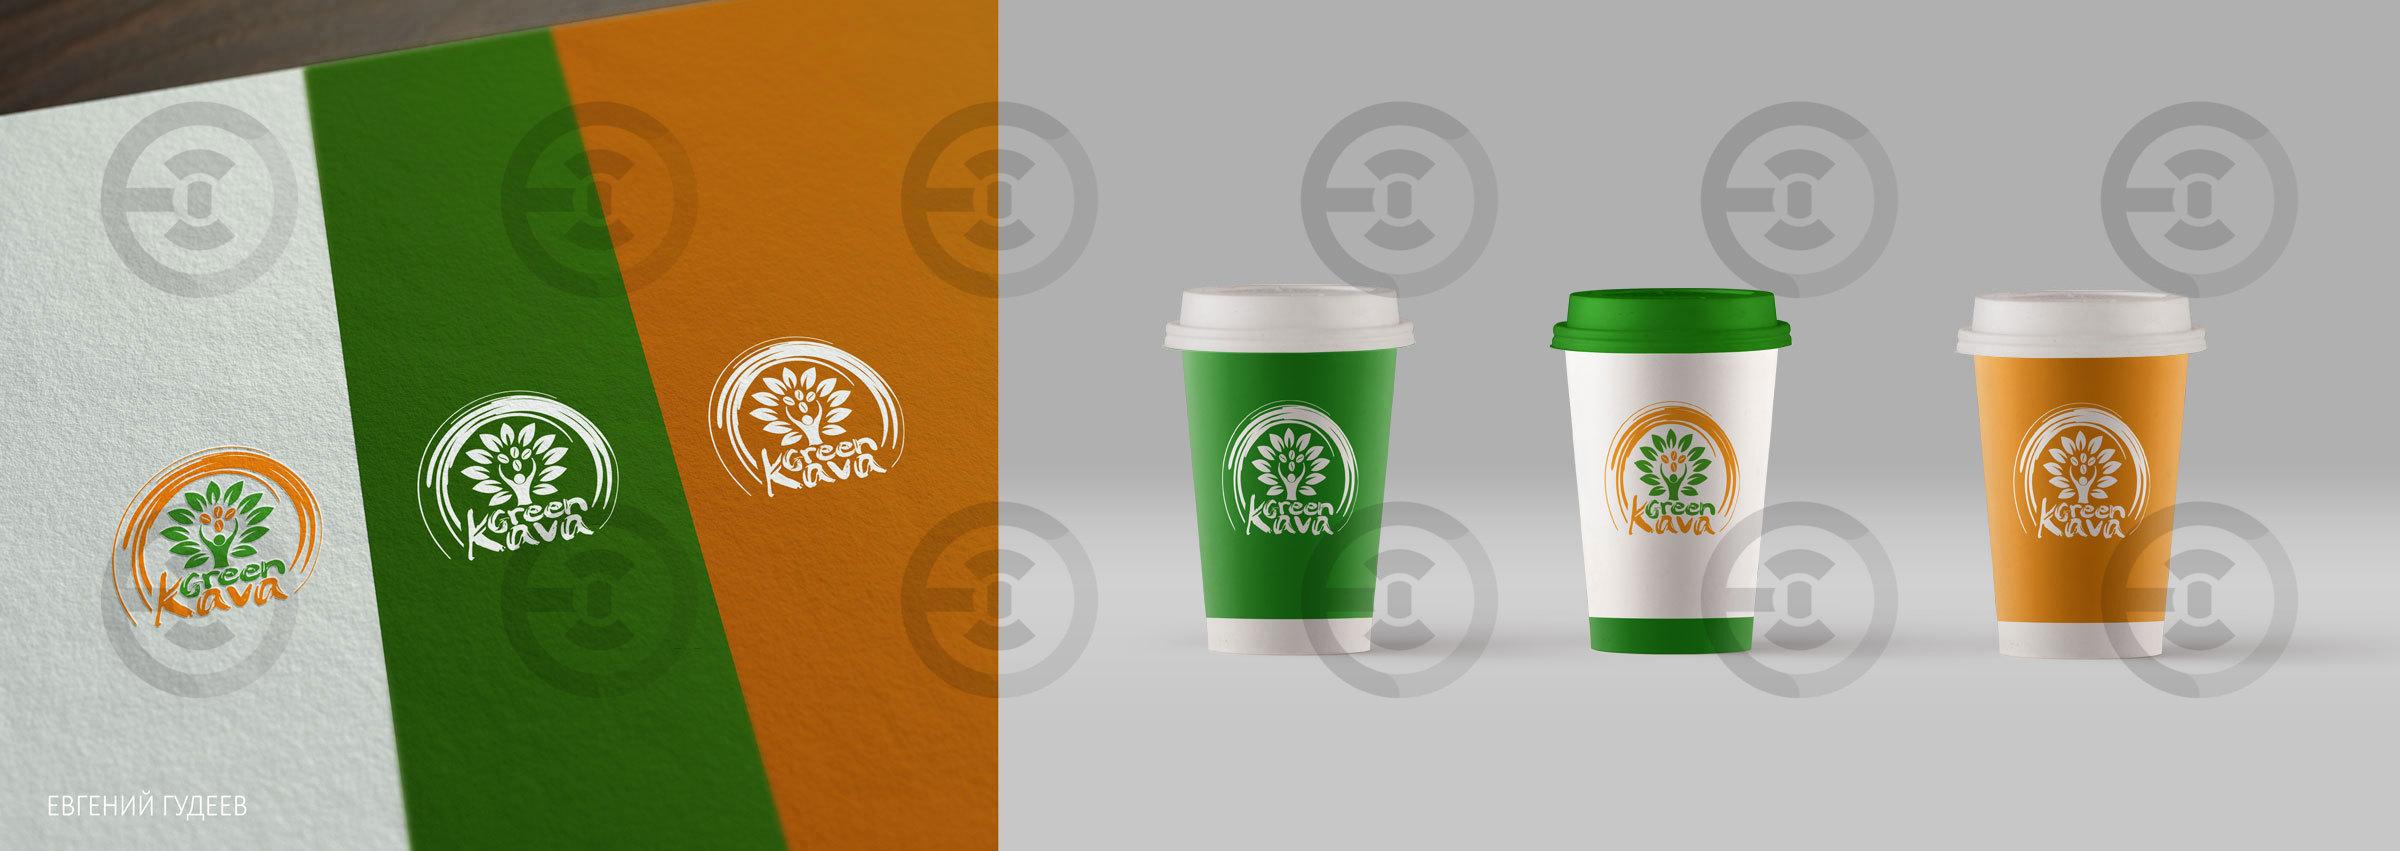 LOGO_green-kava56.jpg